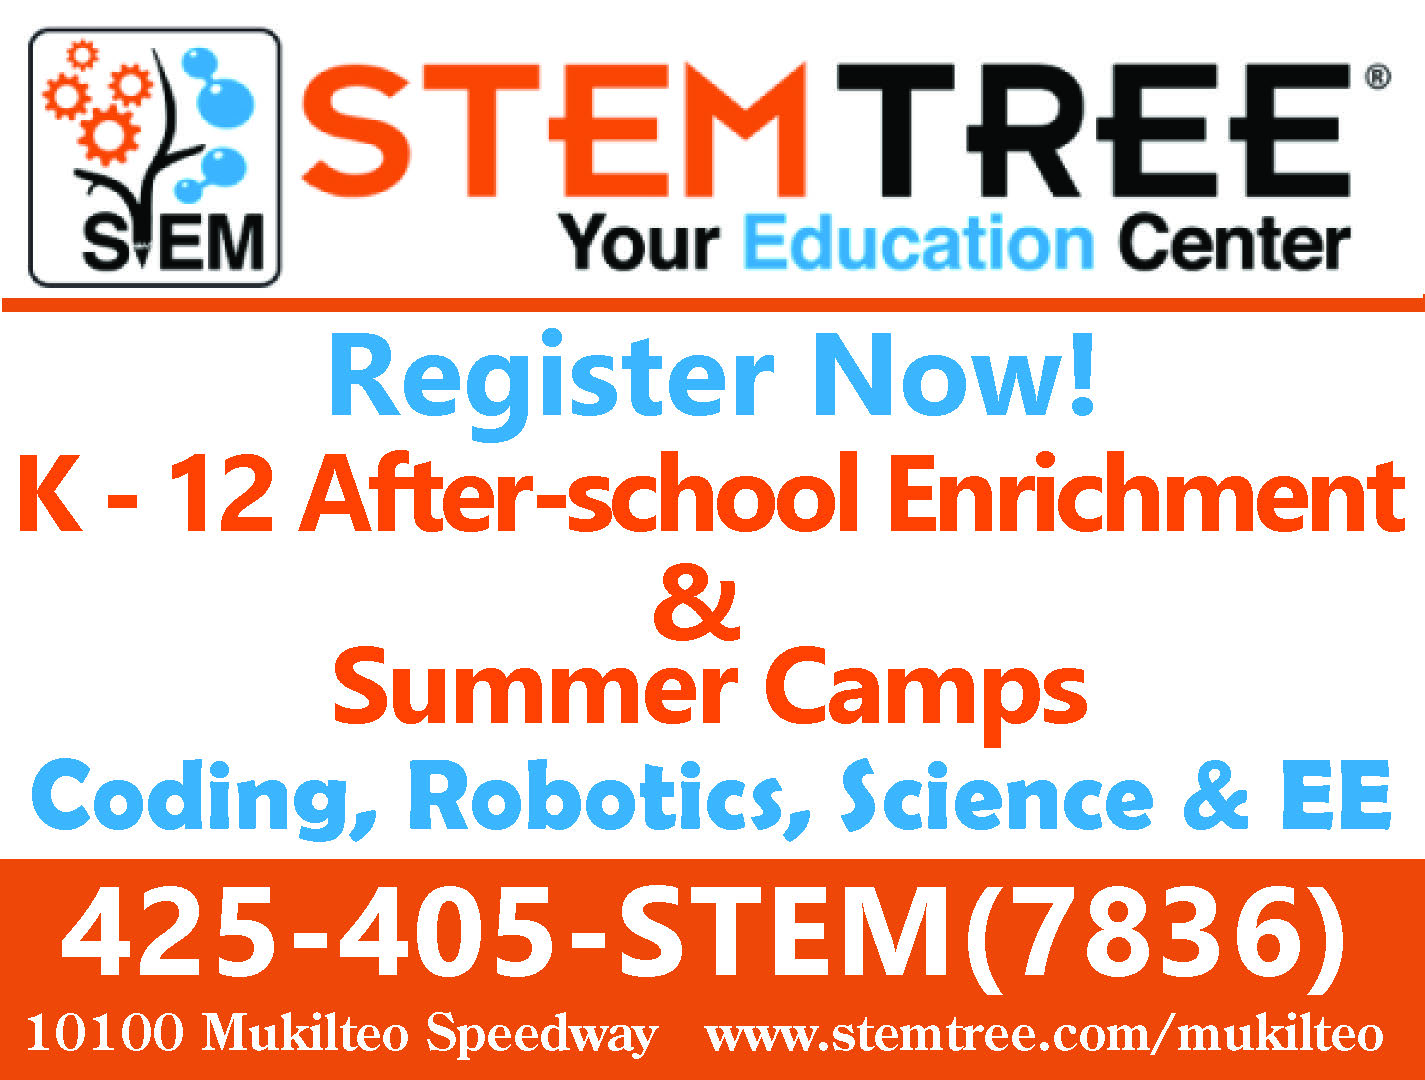 Stem Tree